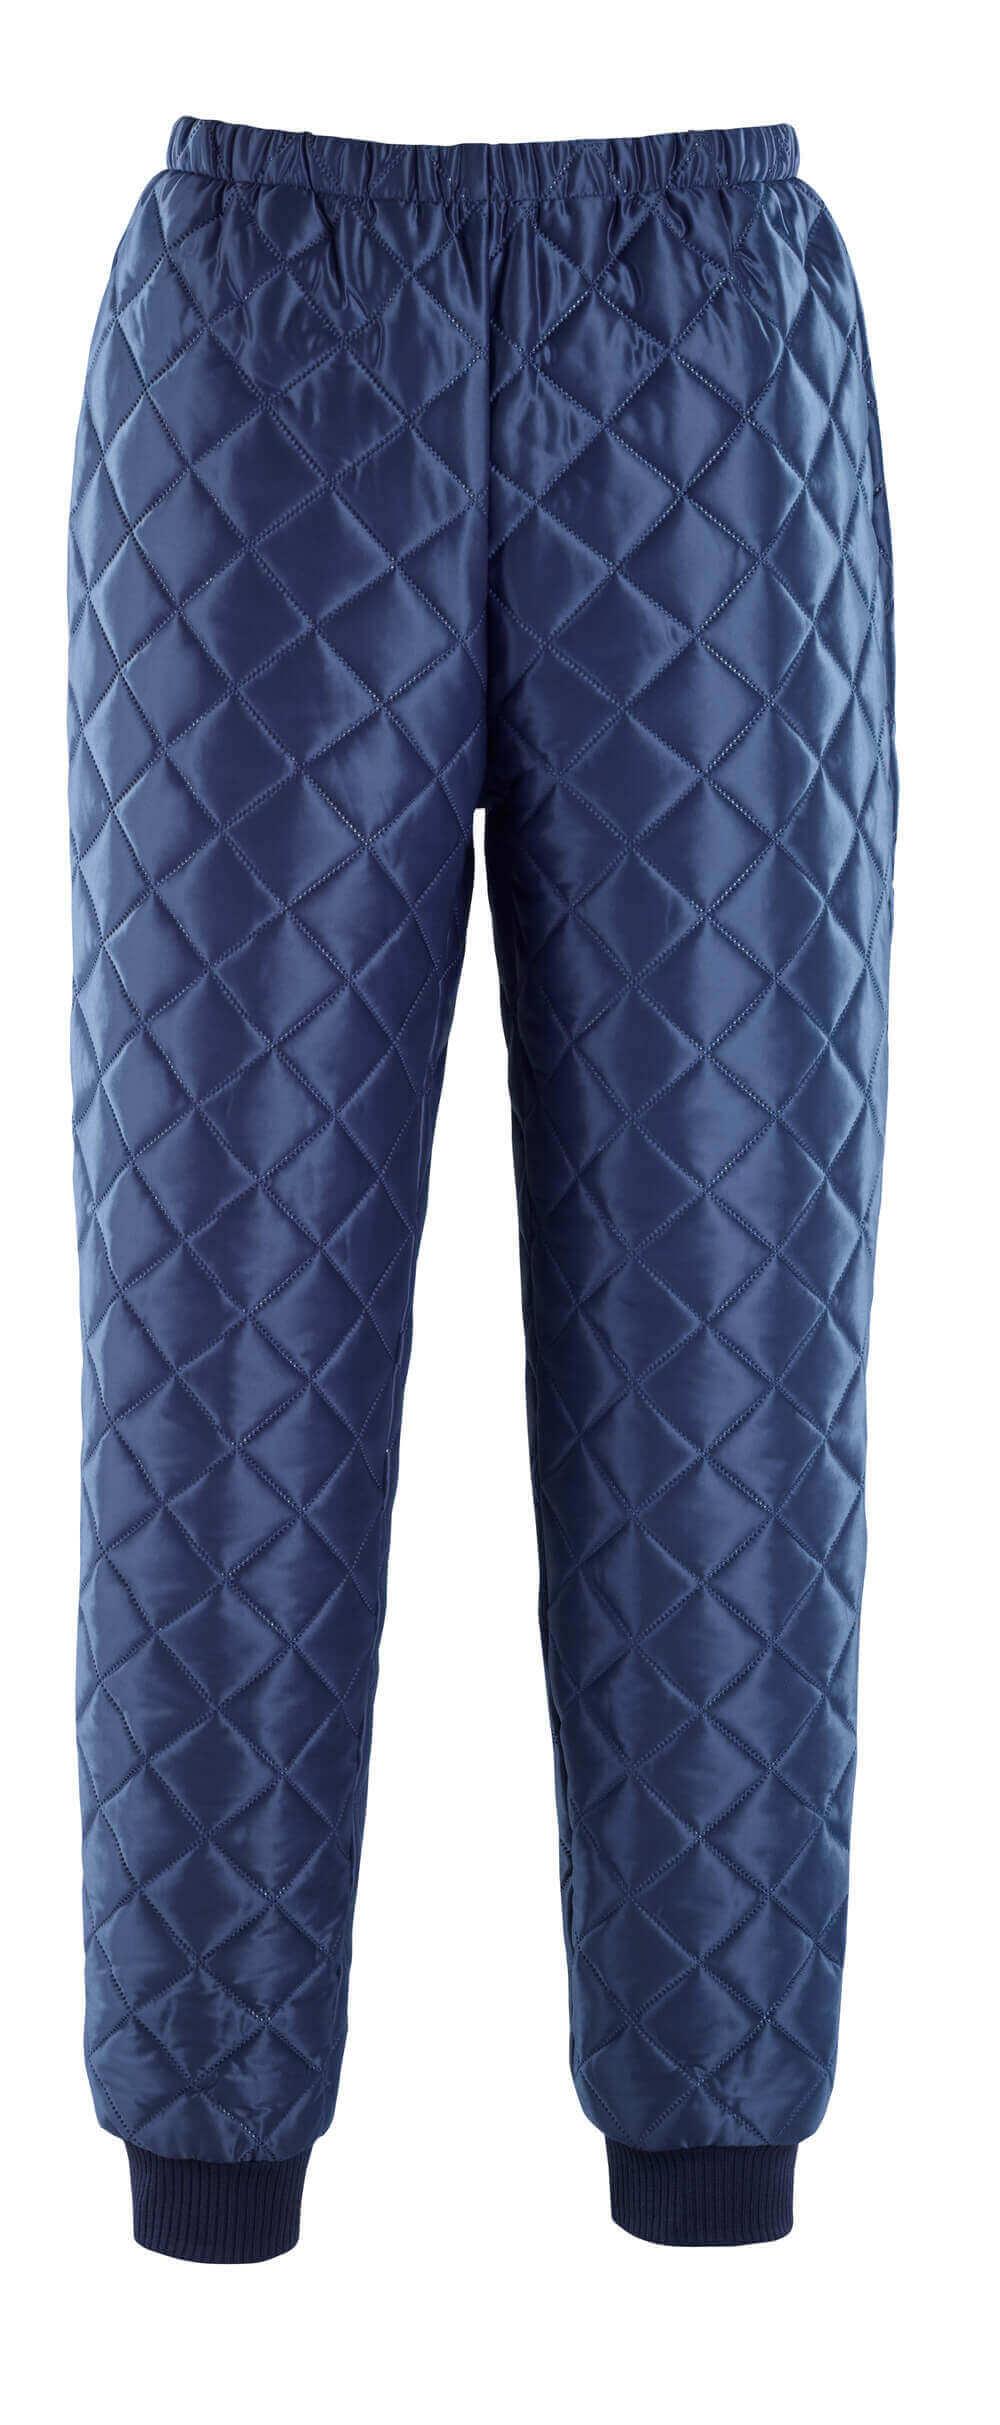 13571-707-01 Thermal Pants - navy